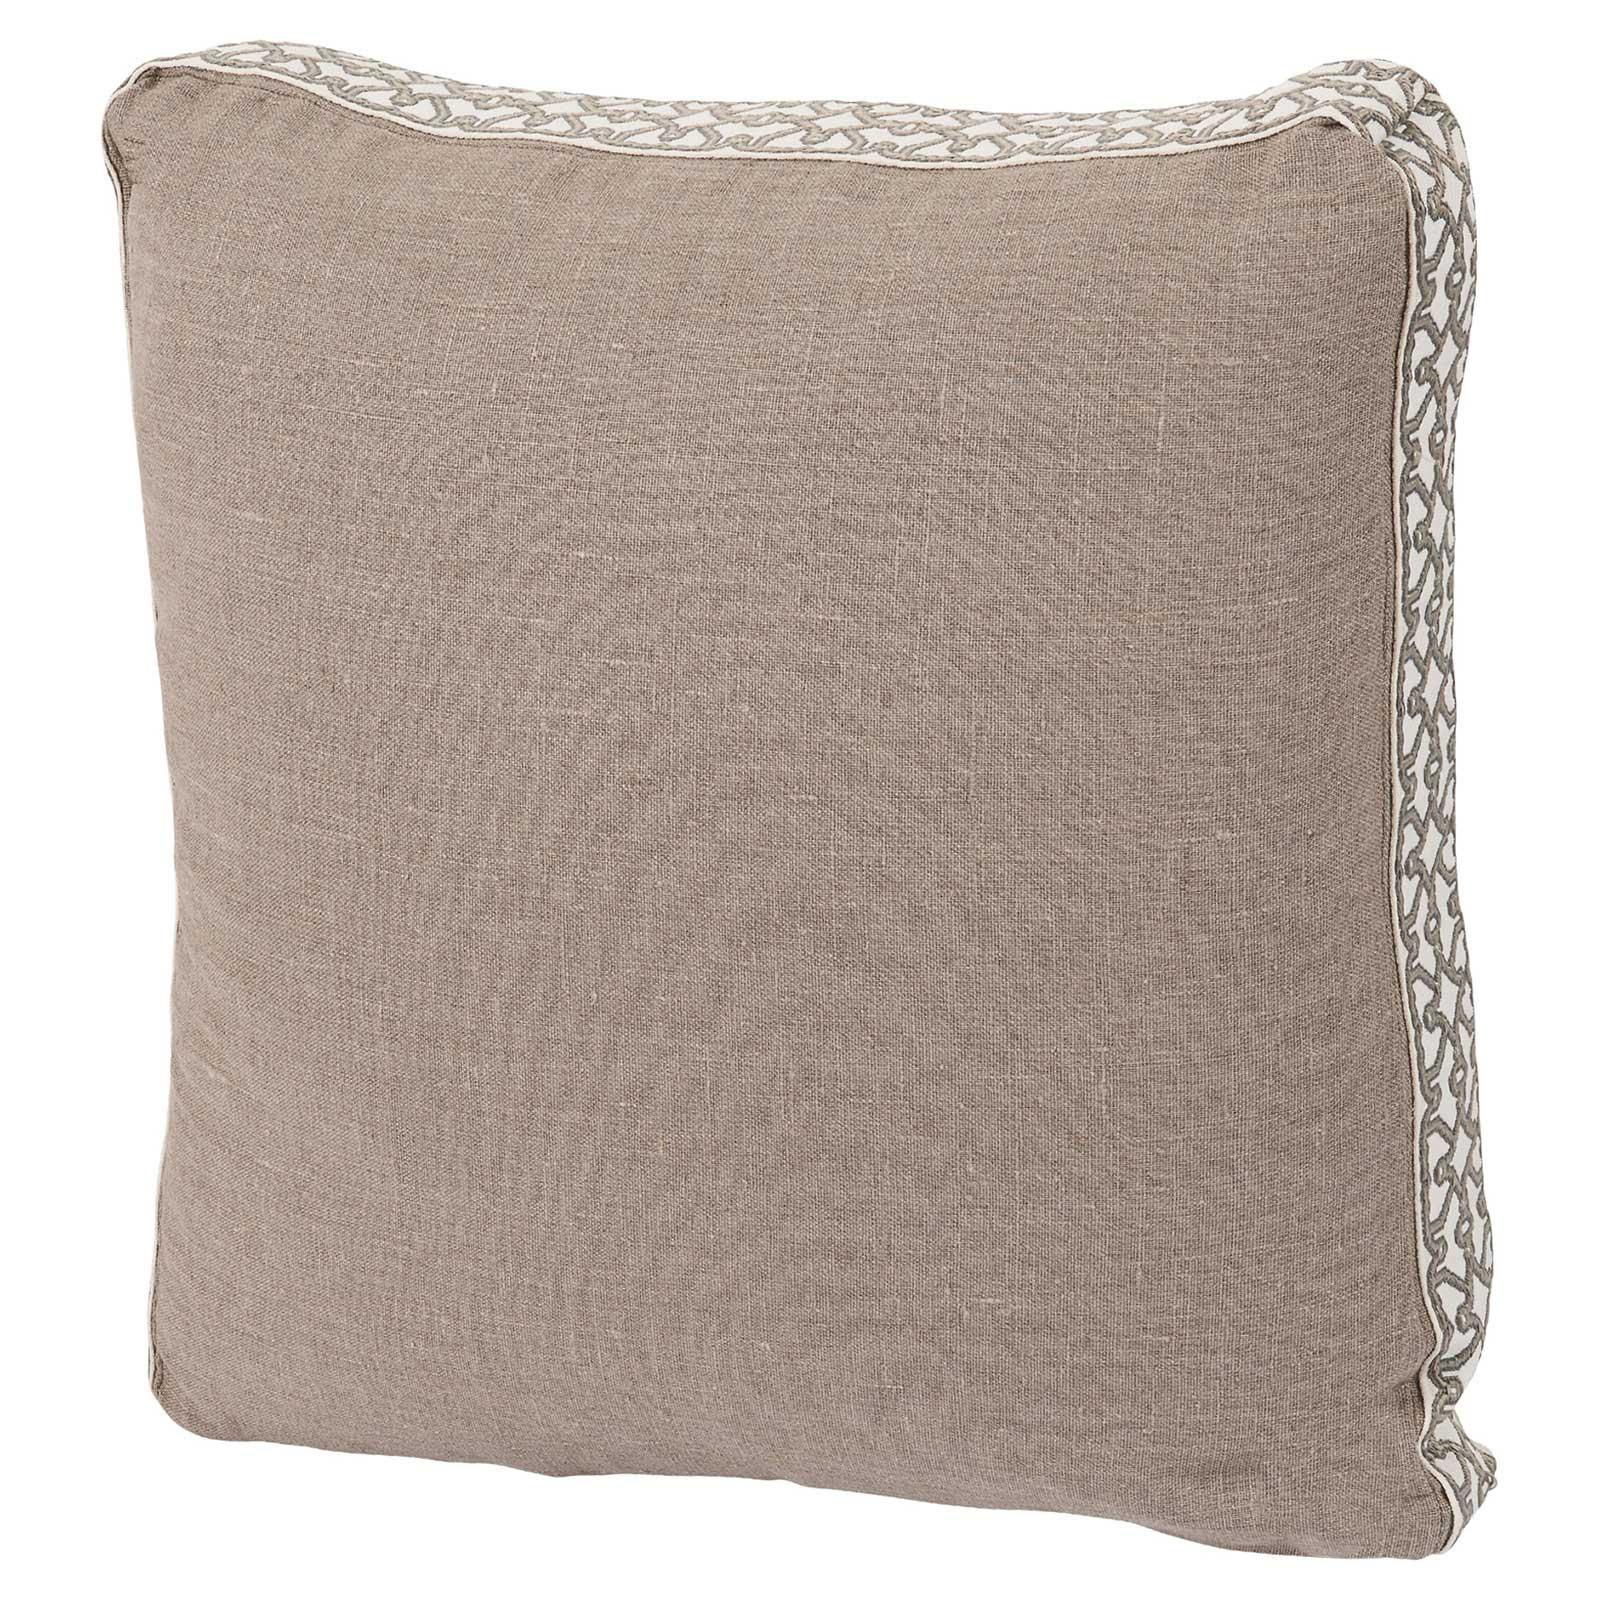 Jerri Modern Classic Pattern Box Edge Beige Pillow - 18x18